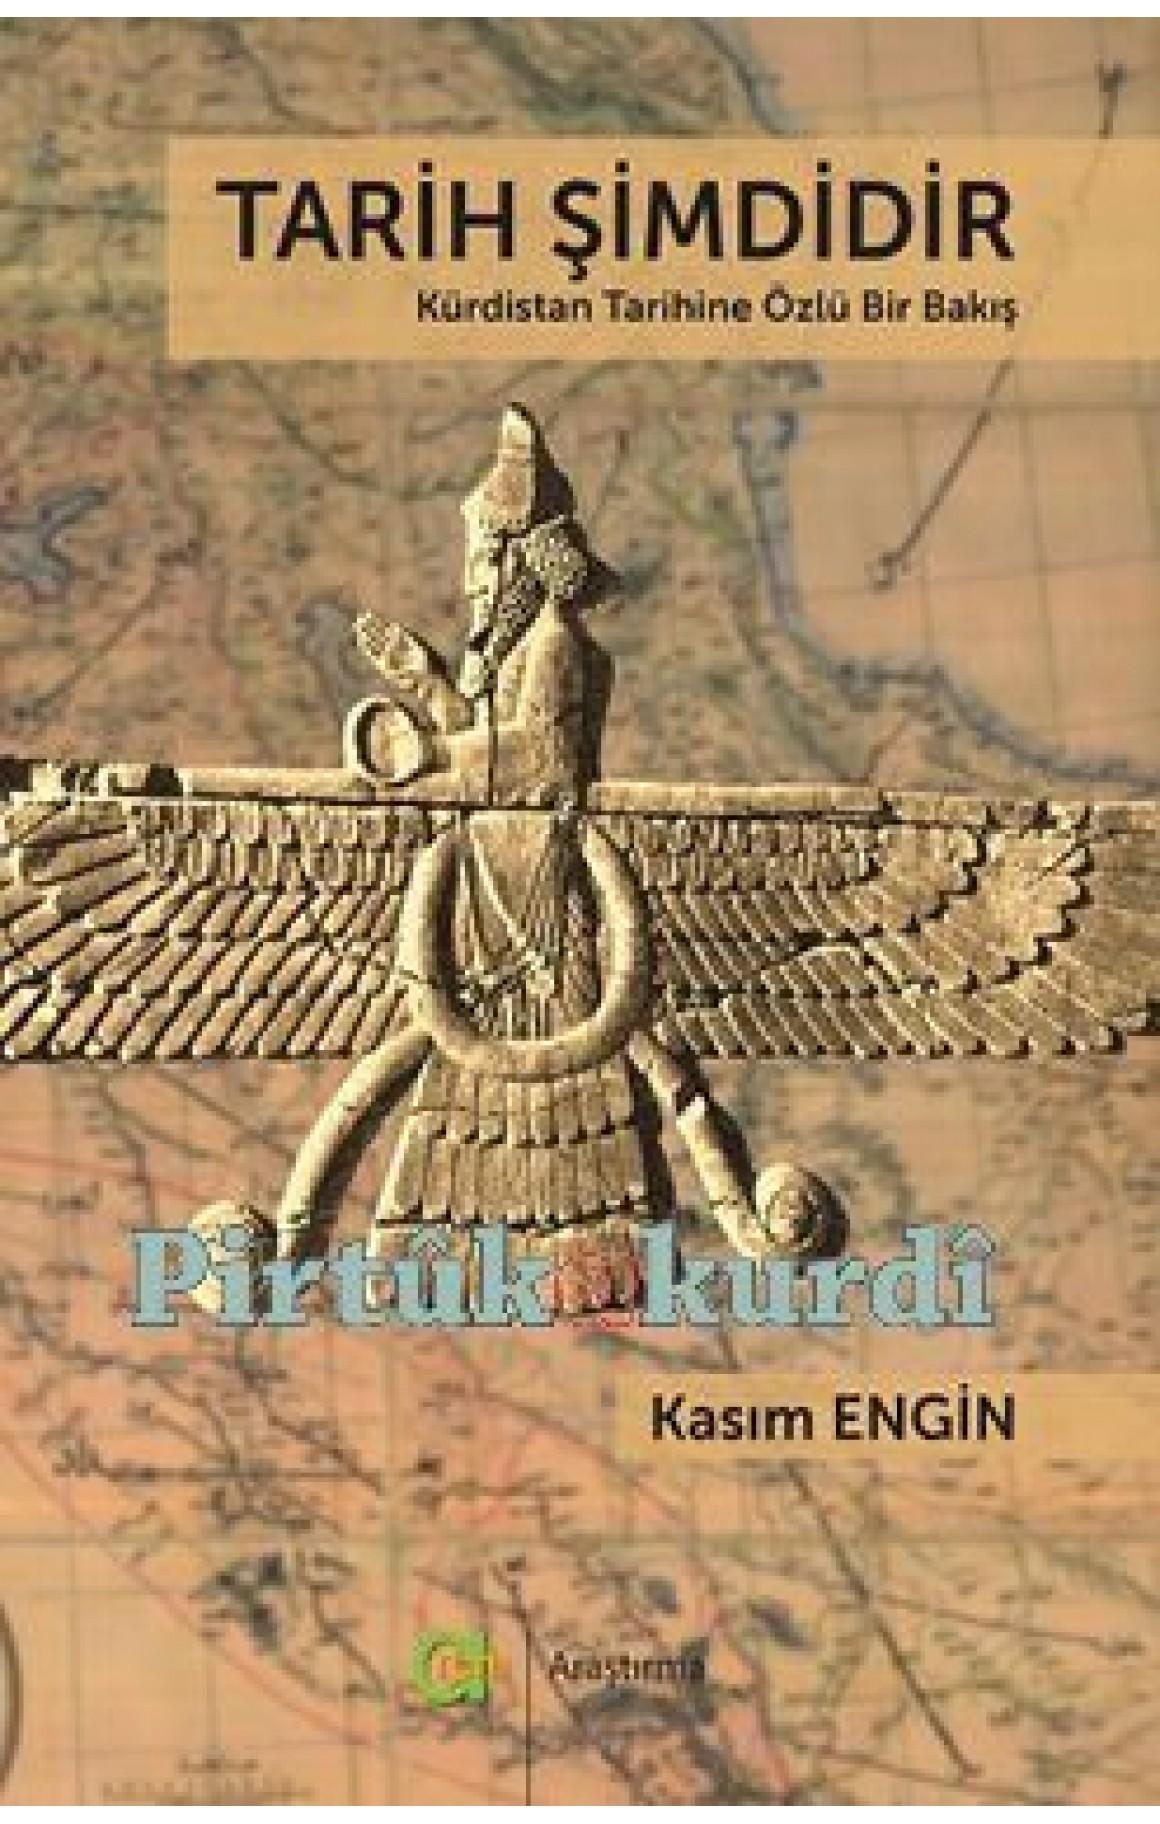 Tarih Şimdidir - Kürdistan Tarihine Özlü Bir Bakış